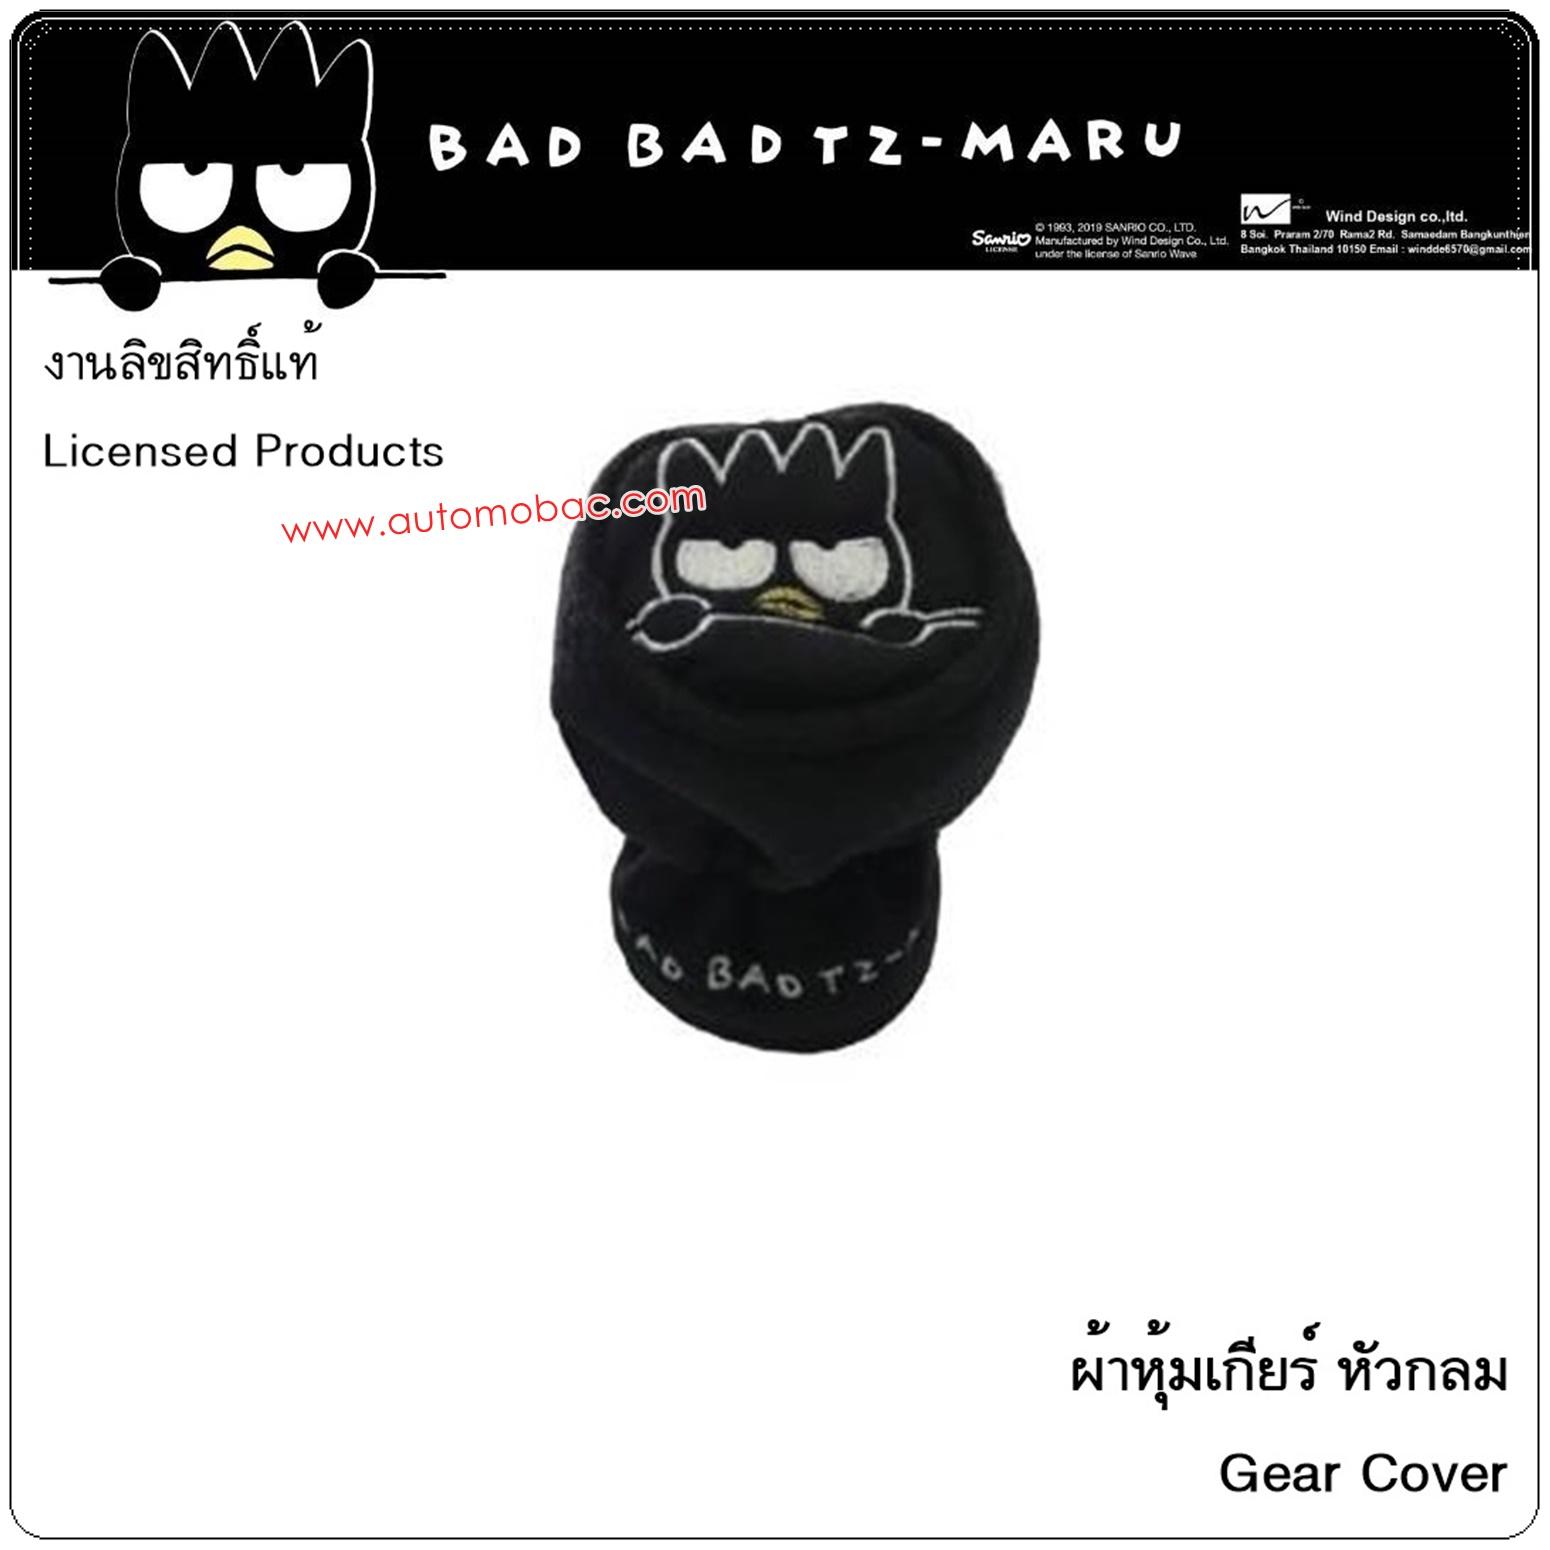 Bad Badtz-Maru BLACK แบดมารุ สีดำ ที่หุ้มเกียร์ แบบหัวกลม ลิขสิทธิ์แท้ ตกแต่งเพื่อความสวยงาม ซักได้